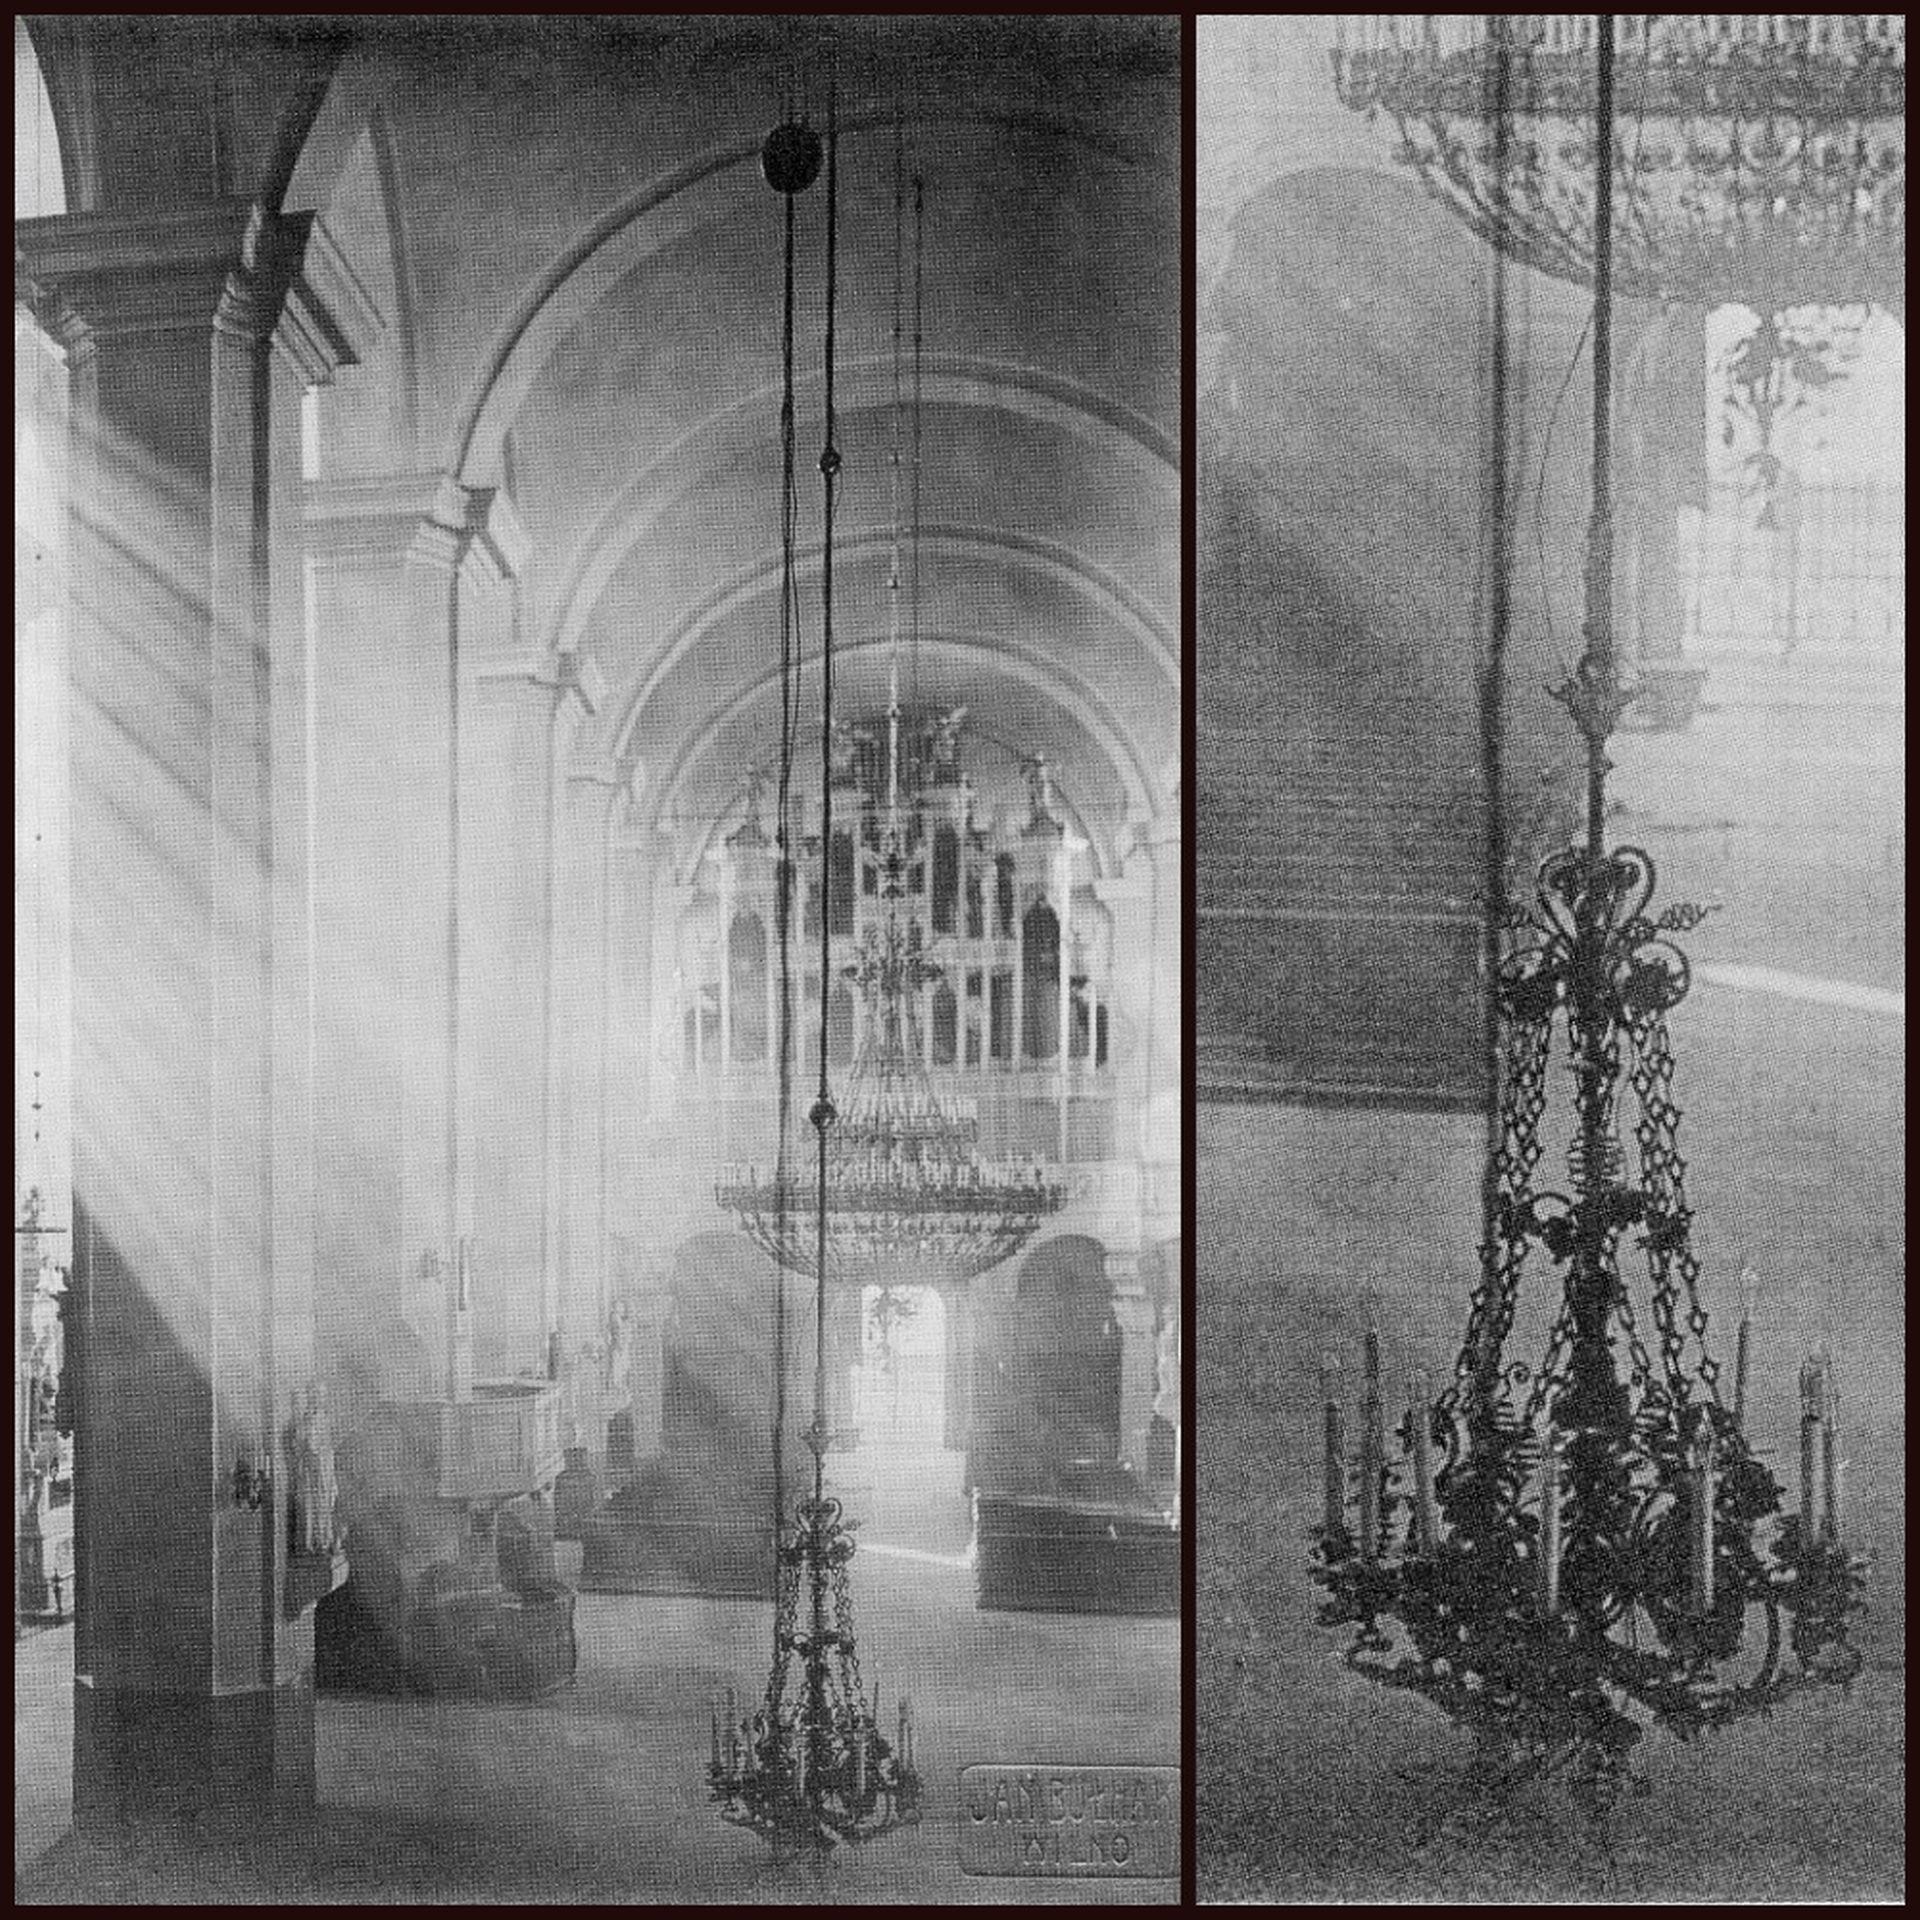 Lost chandelier. Photo by Jan Bułhak, 1912–1915, Vilnius, from: Jan Bułhak, Vilnius, II knyga, sudarė Jūratė Gudaitė, Vilnius: Lietuvos nacionalinis muziejus, 2013, il. 245